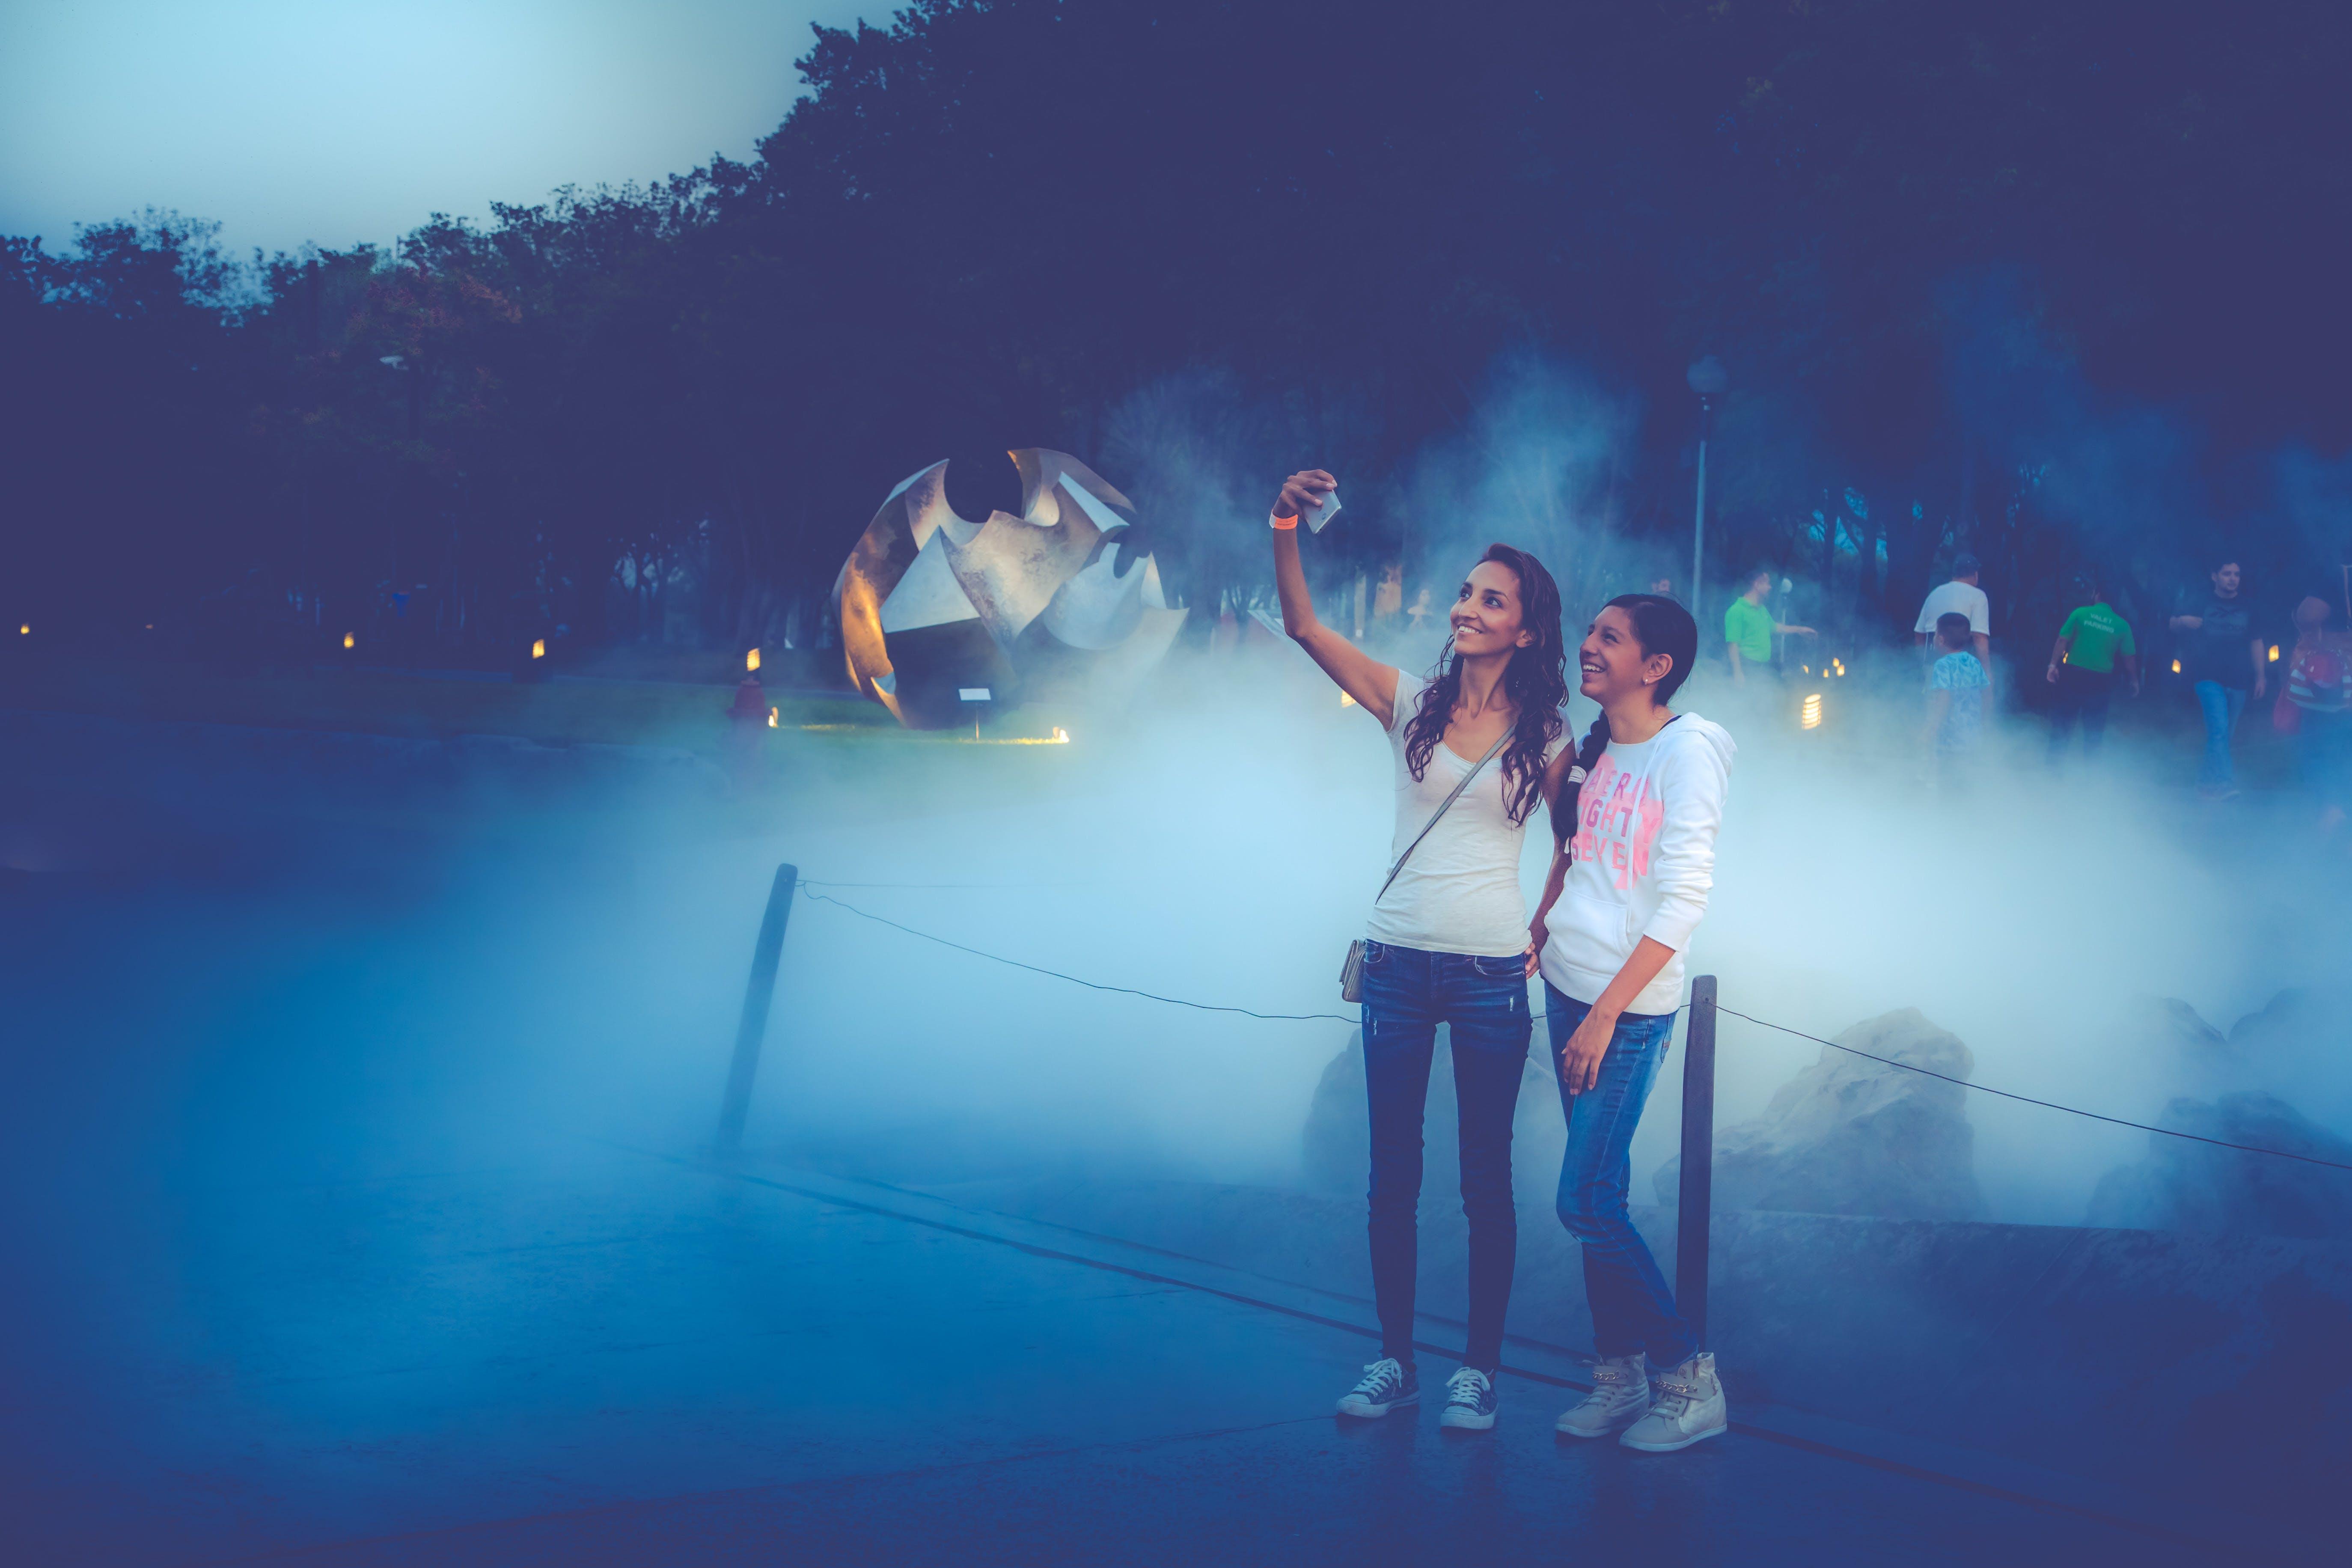 Photo Of Two Women Taking Selfie